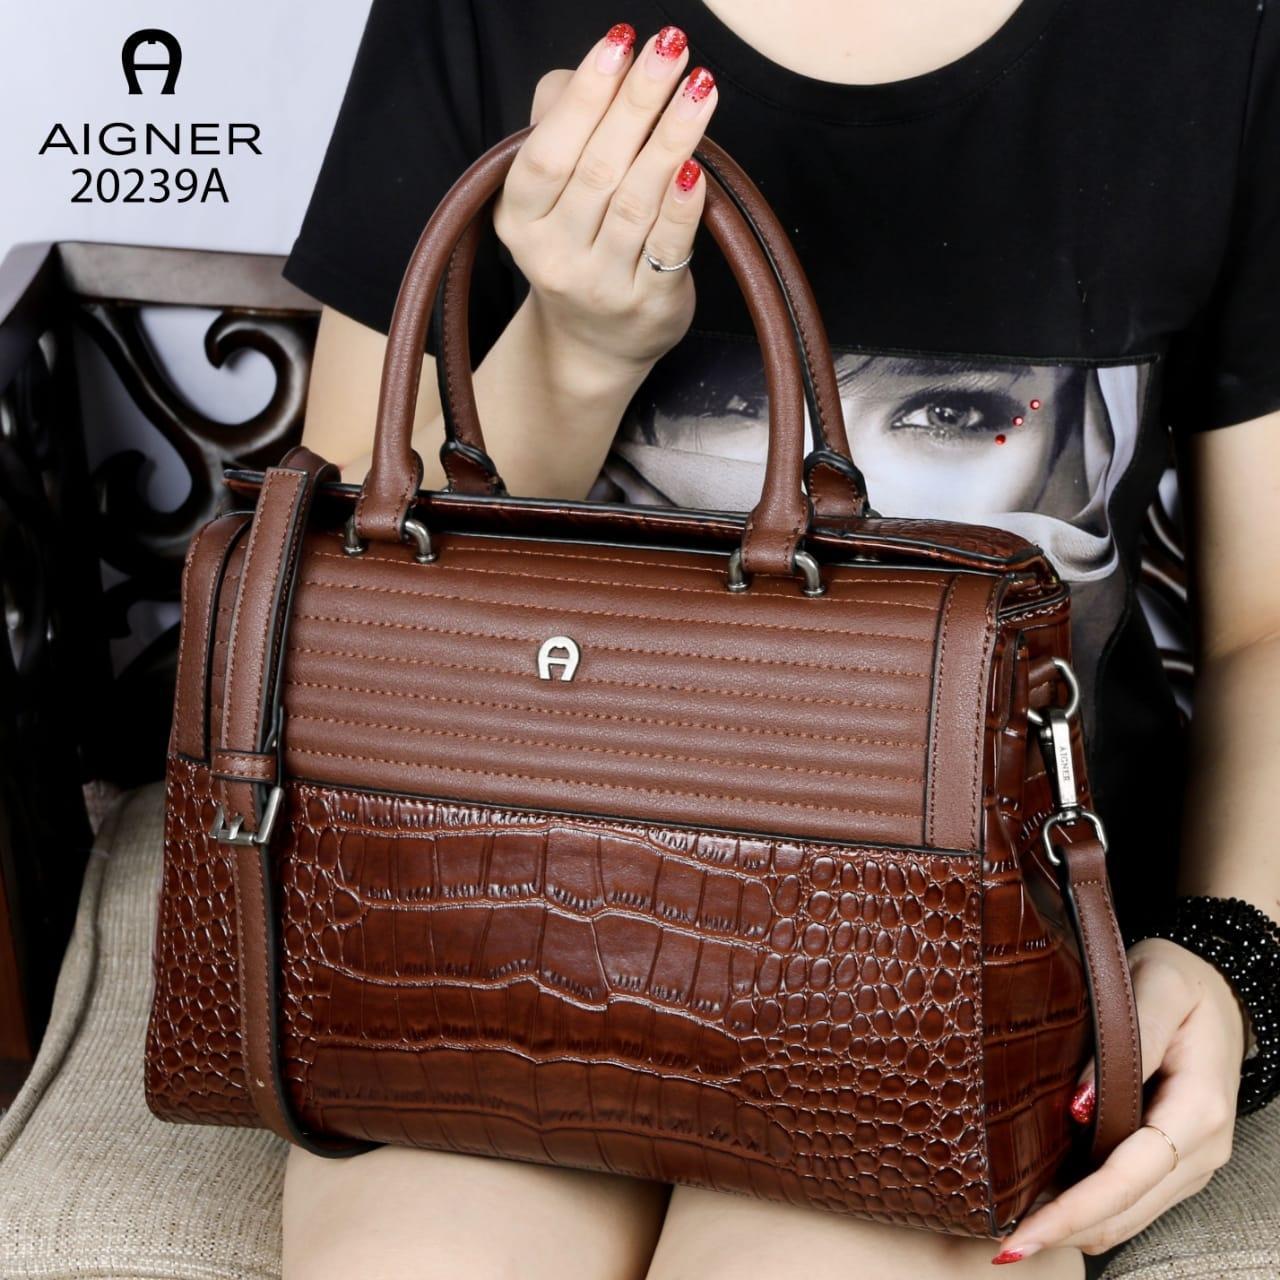 Tas wanita Aigner slingbag mewah branded import new arrival batam murah  selempang cewek fashion elegan pesta bdc88083bb